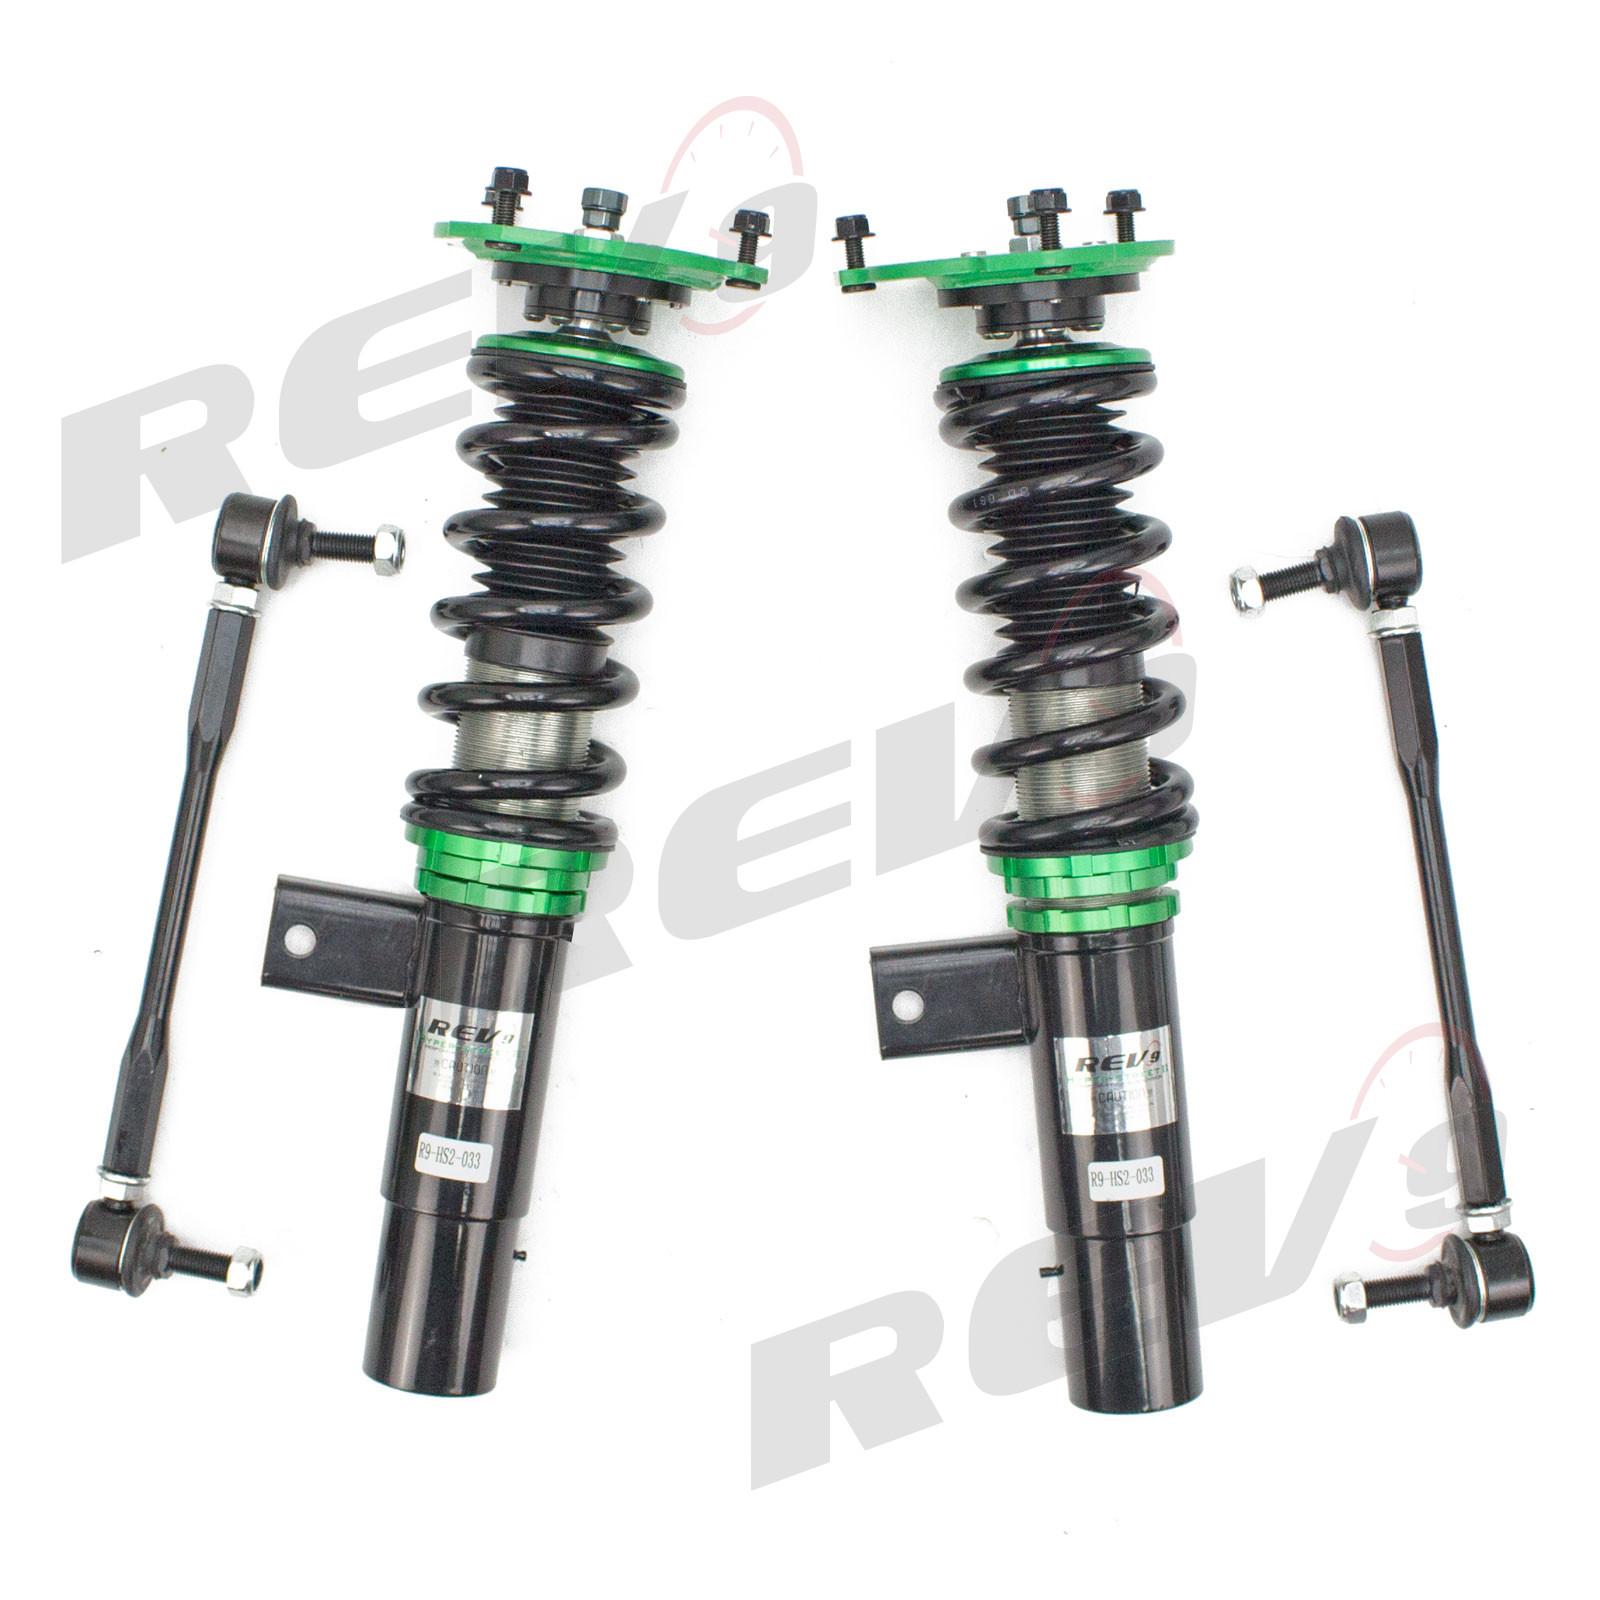 Rev9 R9-HS2-108/_1 Hyper-Street II Coilover Suspension Lowering Kit Full Length Adjustable Mono-Tube Shock w// 32 Click Rebound Setting